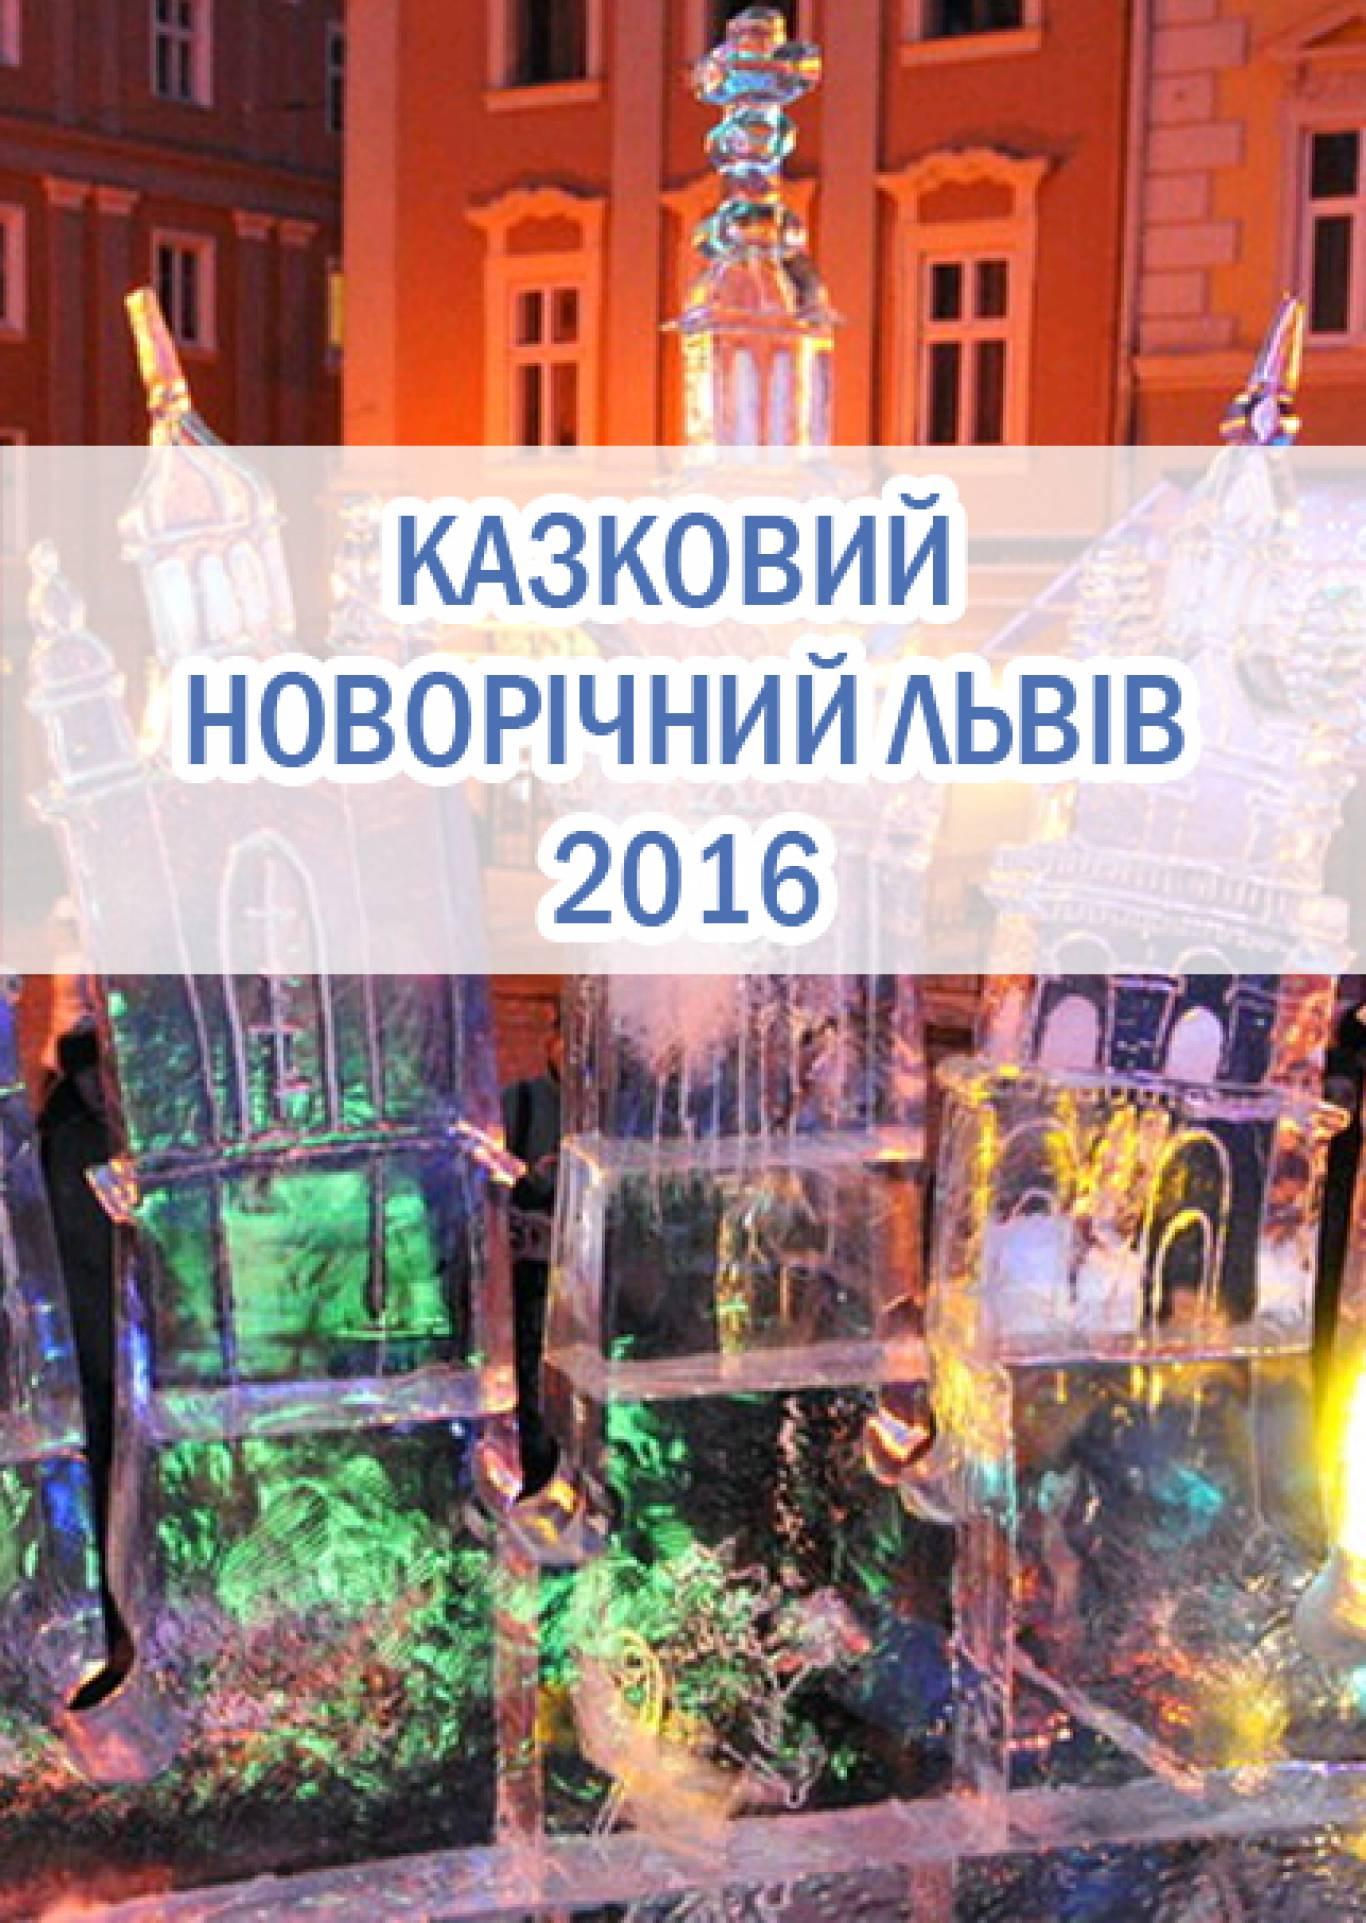 КАЗКОВИЙ НОВОРІЧНИЙ ЛЬВІВ 2016